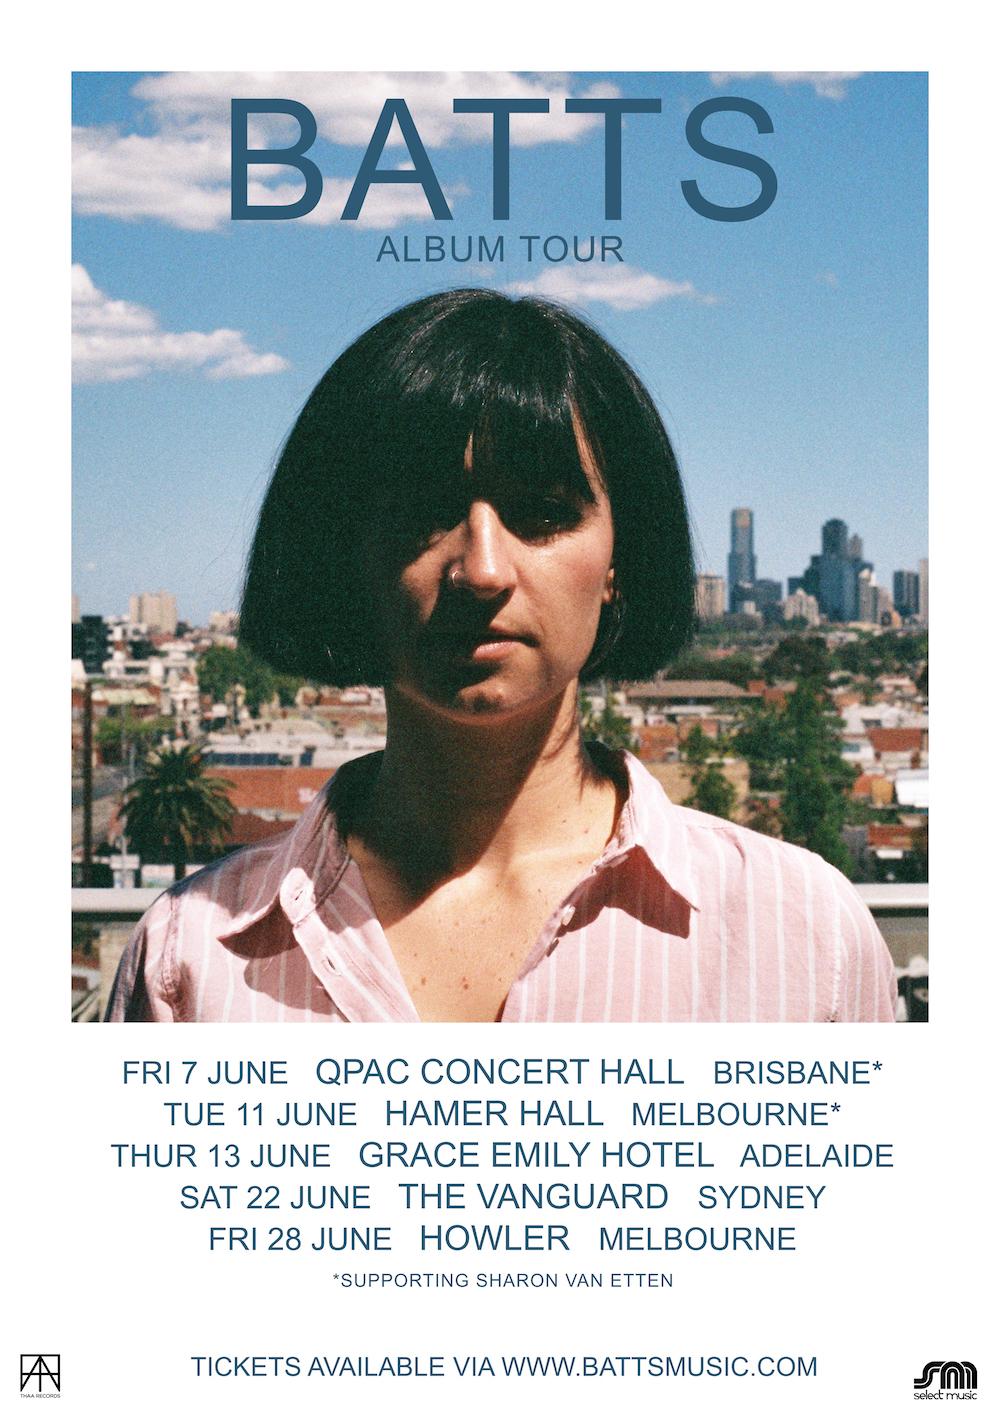 BATTS - Album Tour Poster.jpg